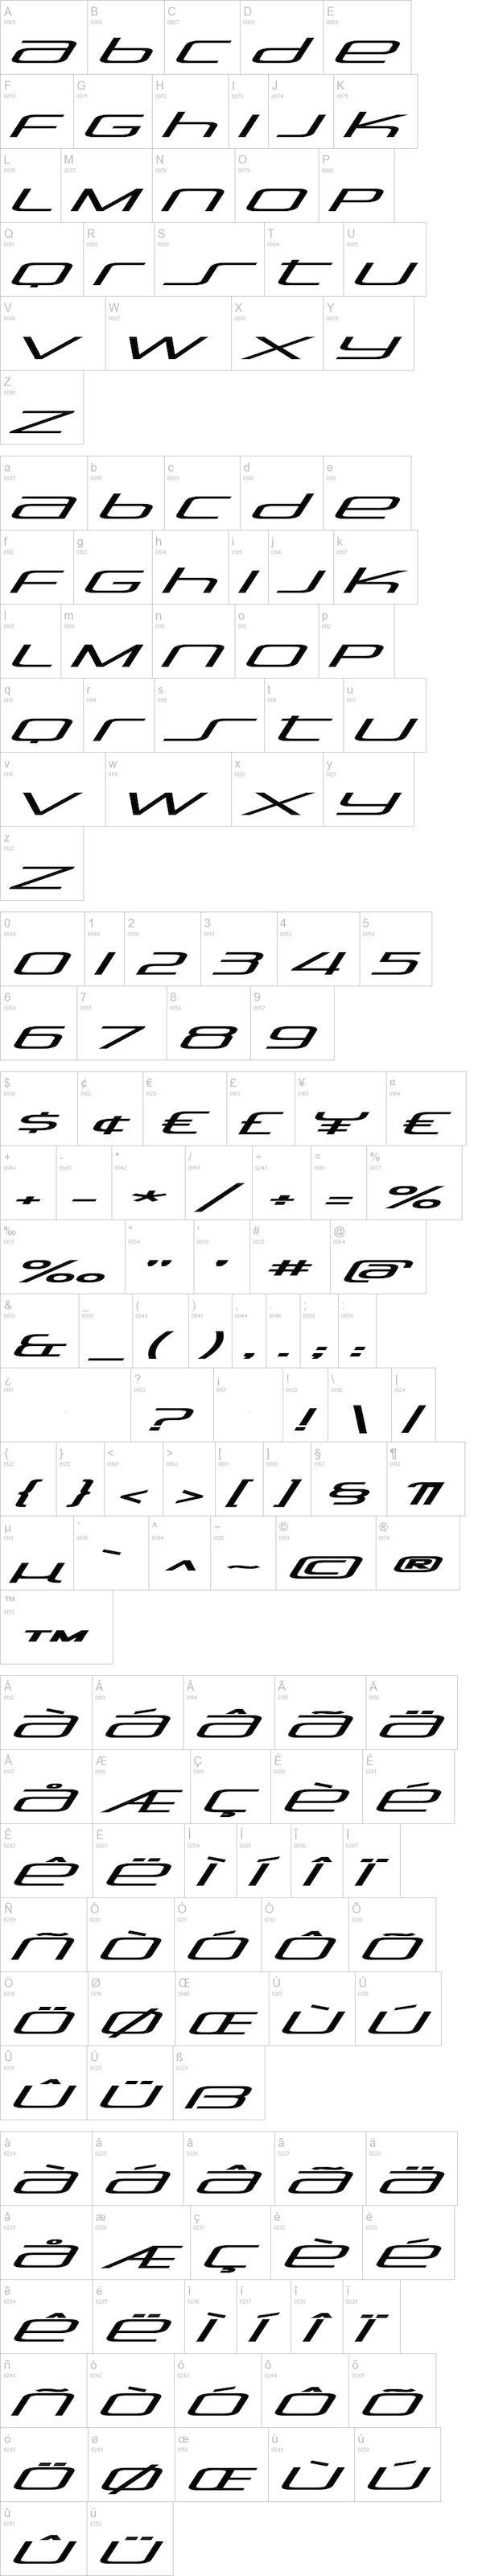 Stasmic tipografias abecedario